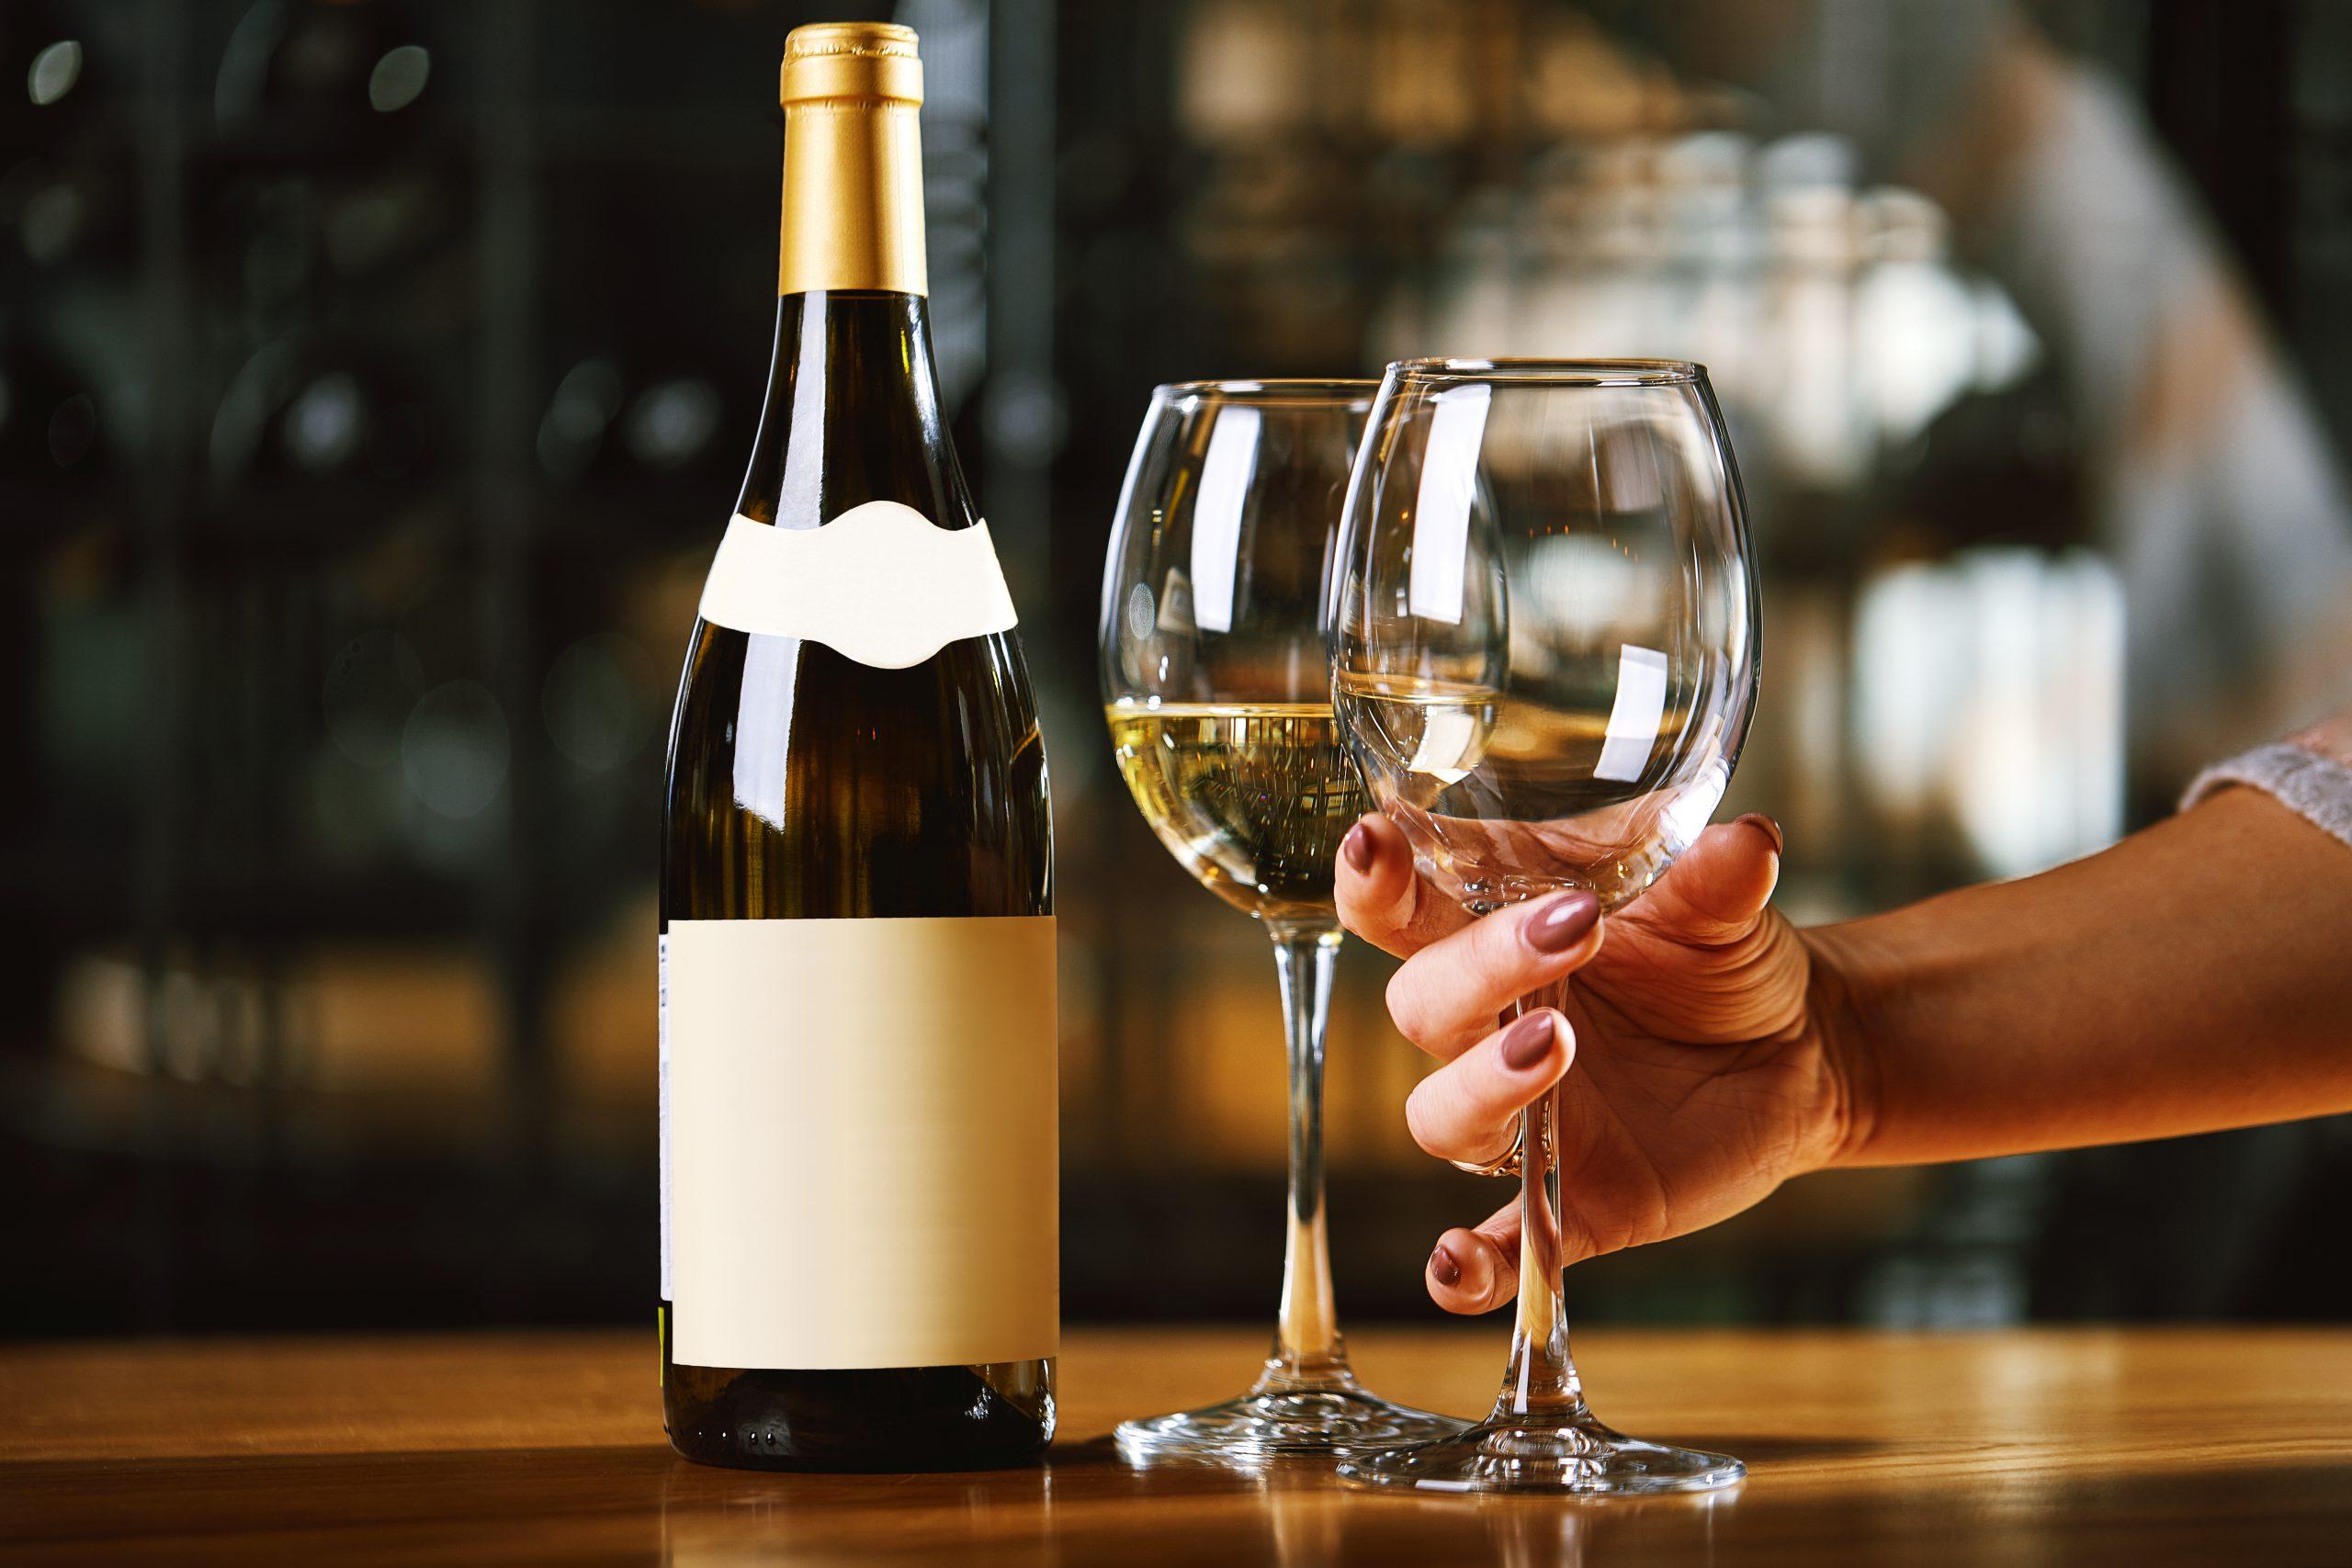 一度は飲んでみたい有名な【高級白ワイン】とおすすめ銘柄5選をご紹介